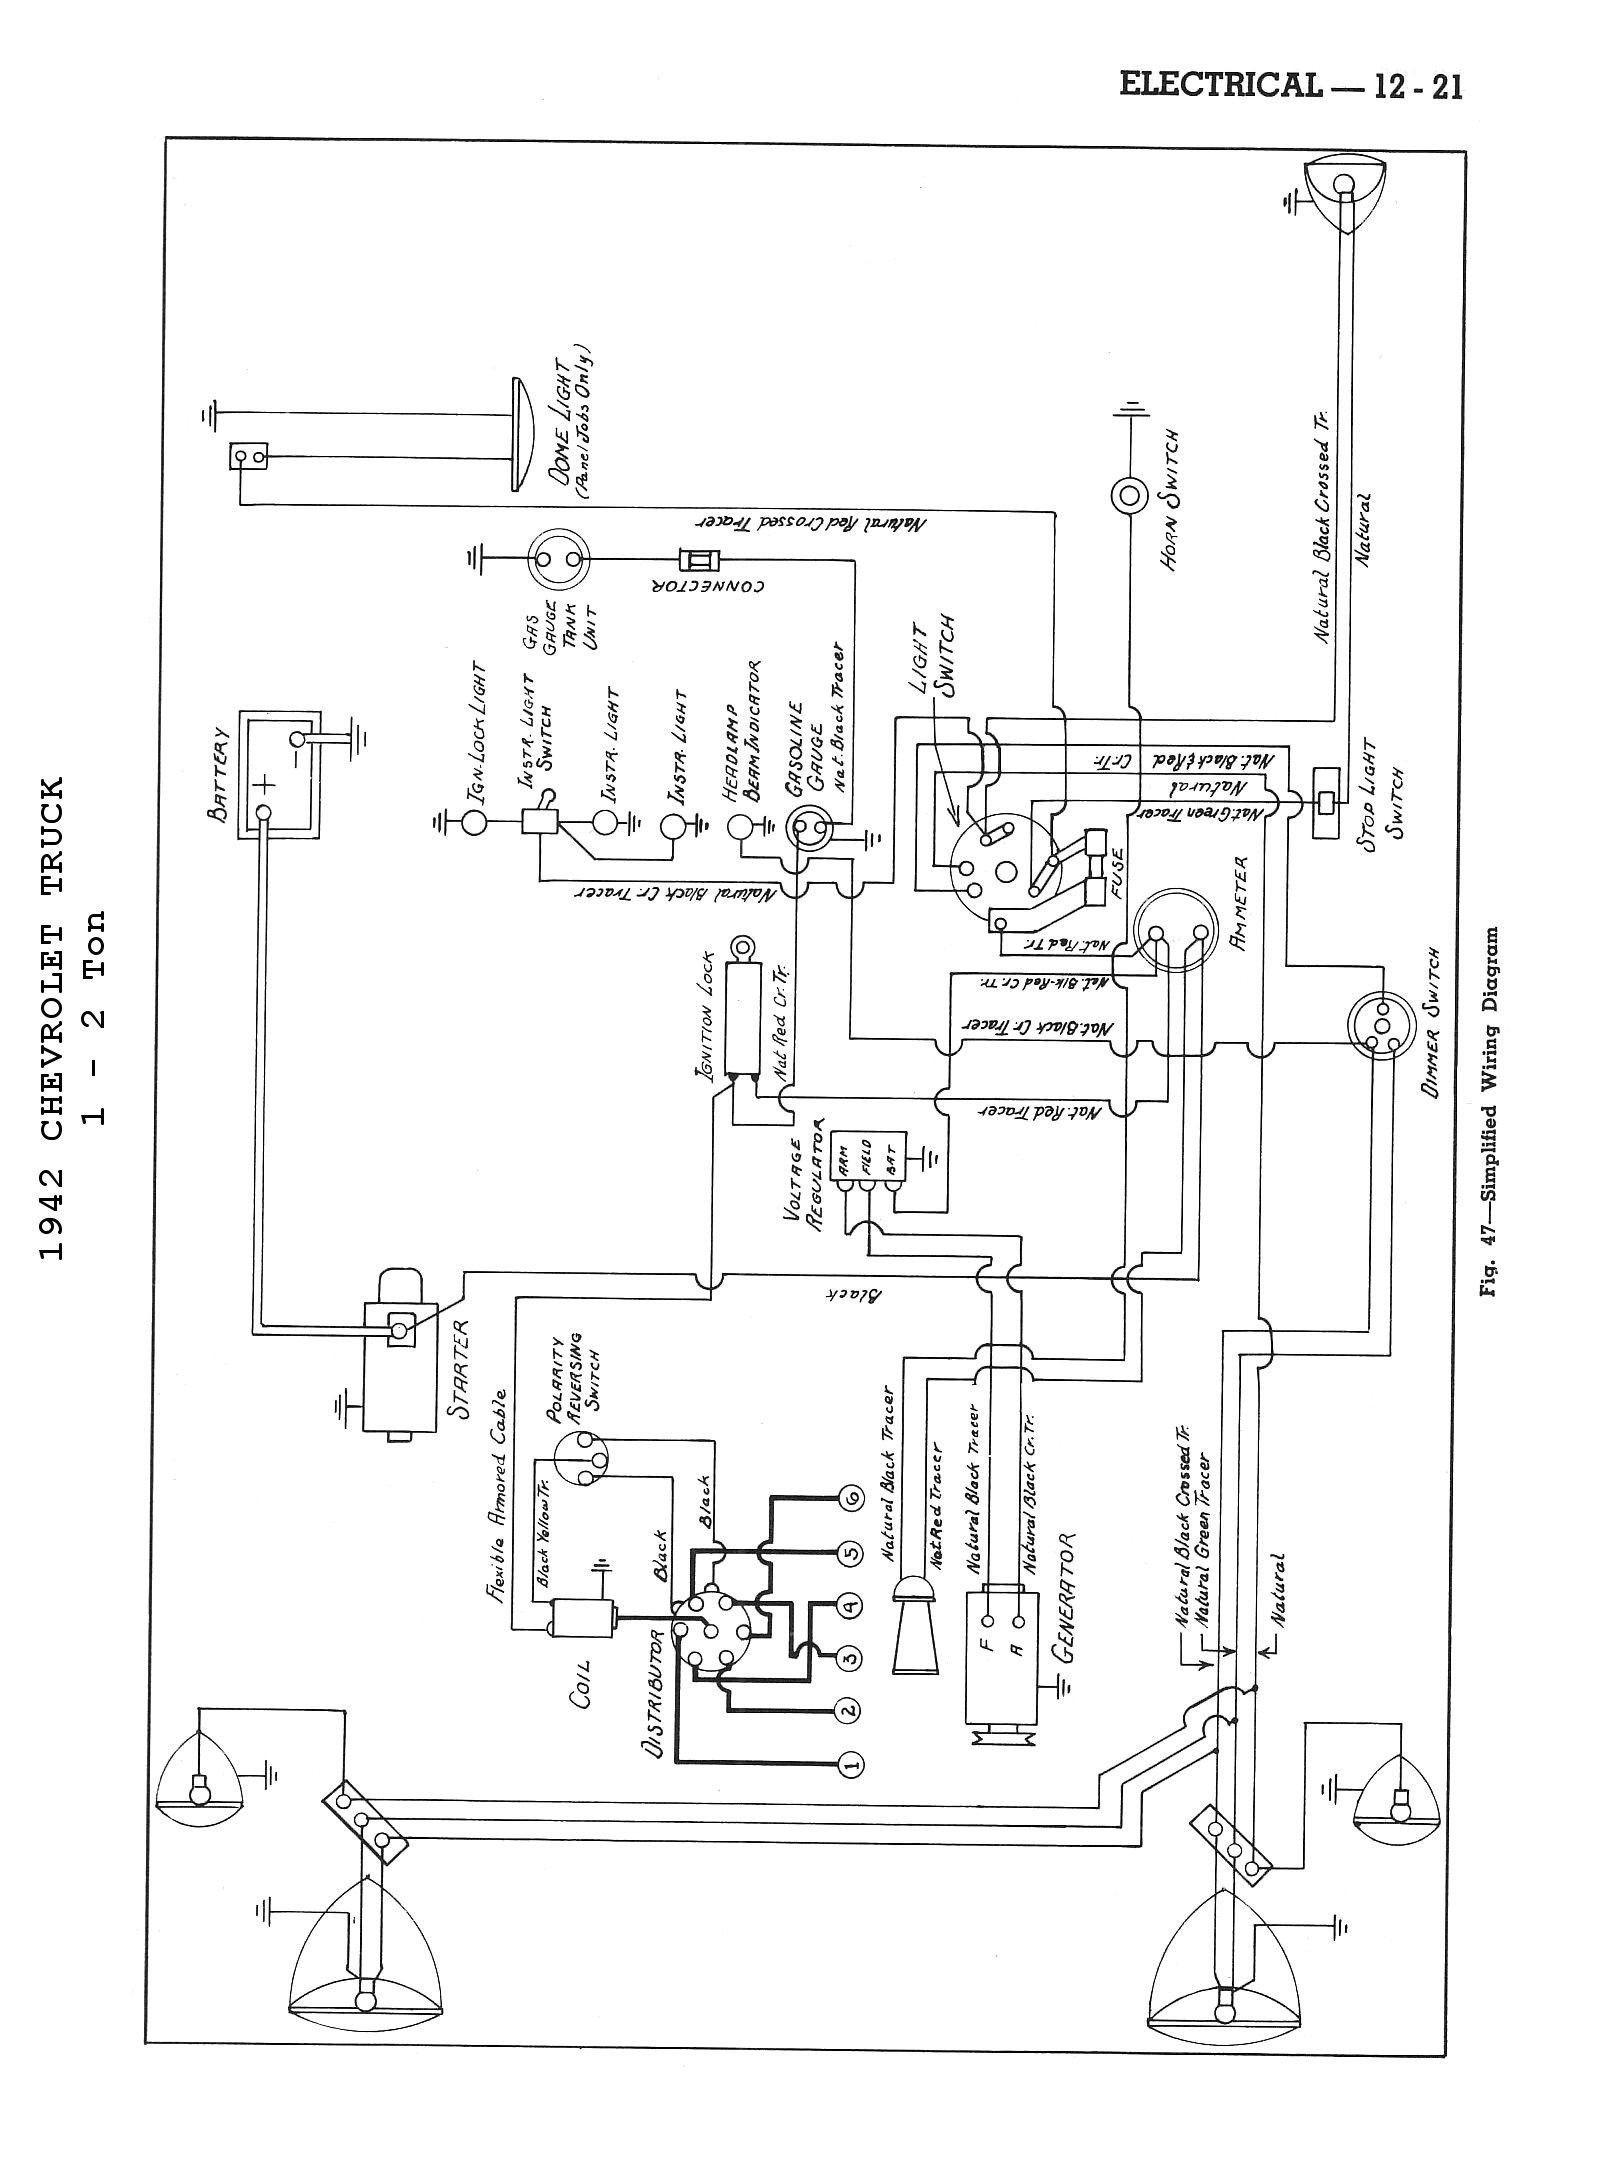 Diagram Of Car Bettery Elegant Blinker Wiring Diagram In 2020 Of Diagram Of Car Bettery